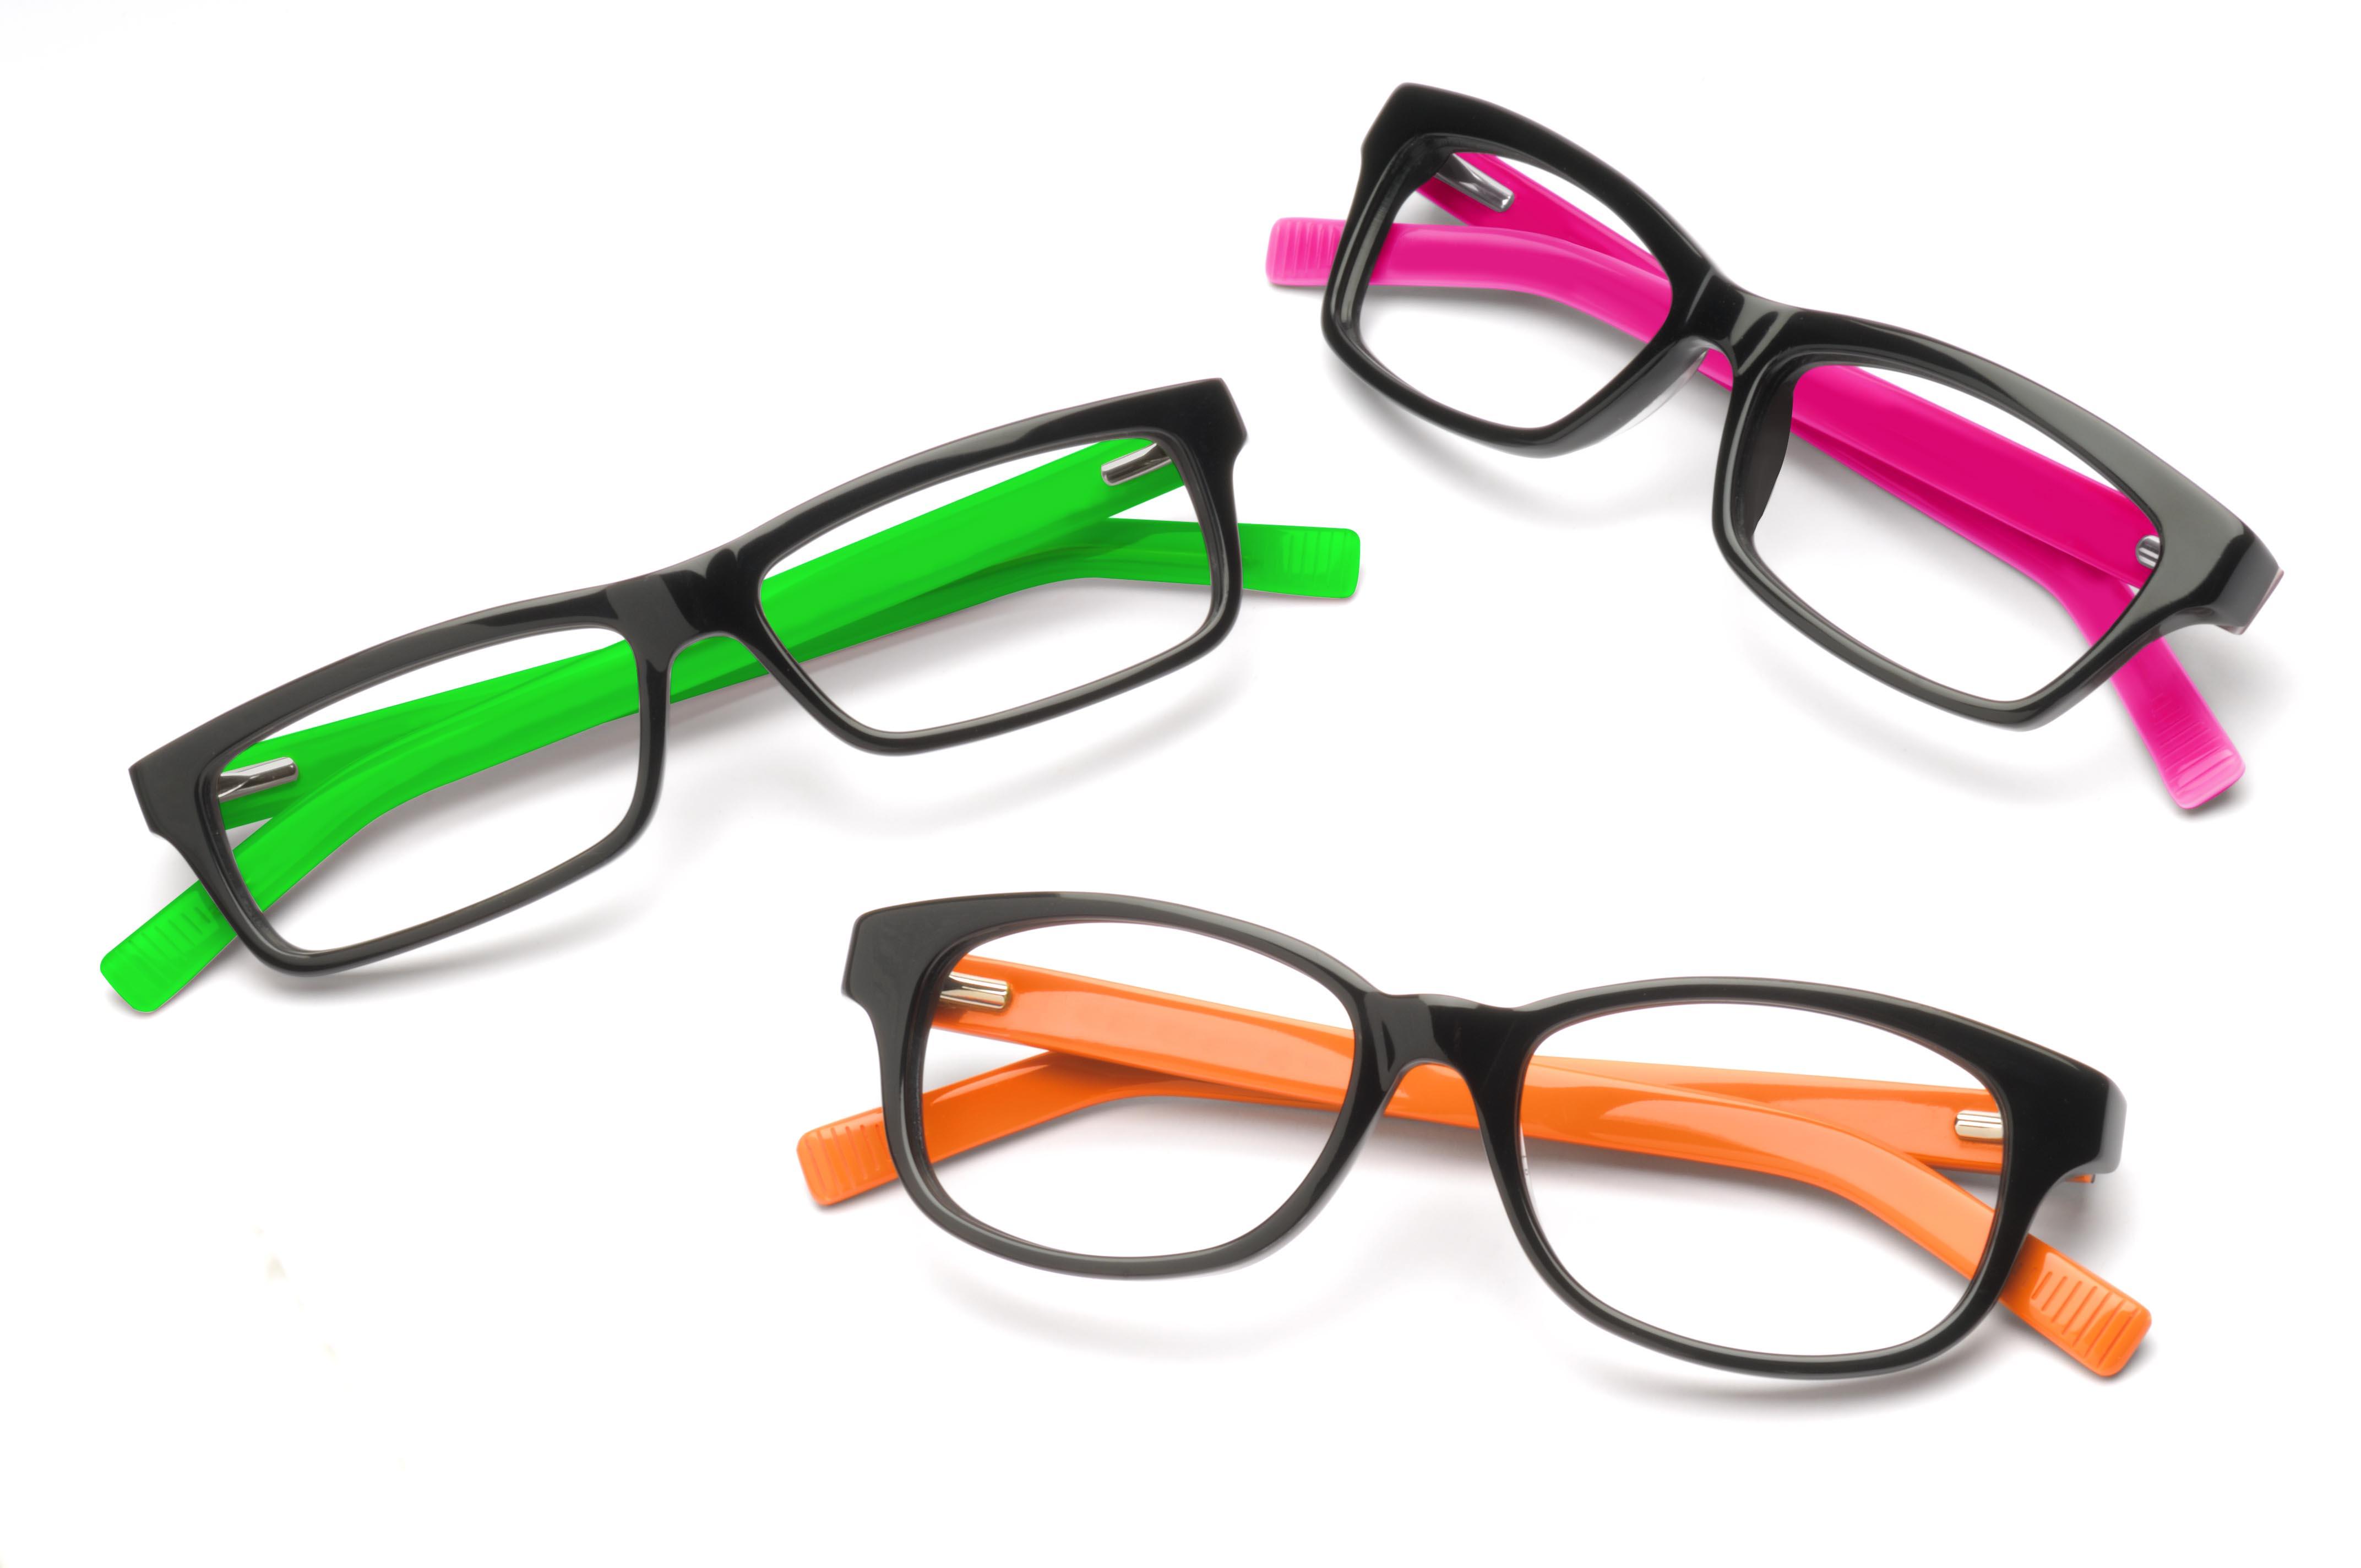 opticos-optometristas - Archivo